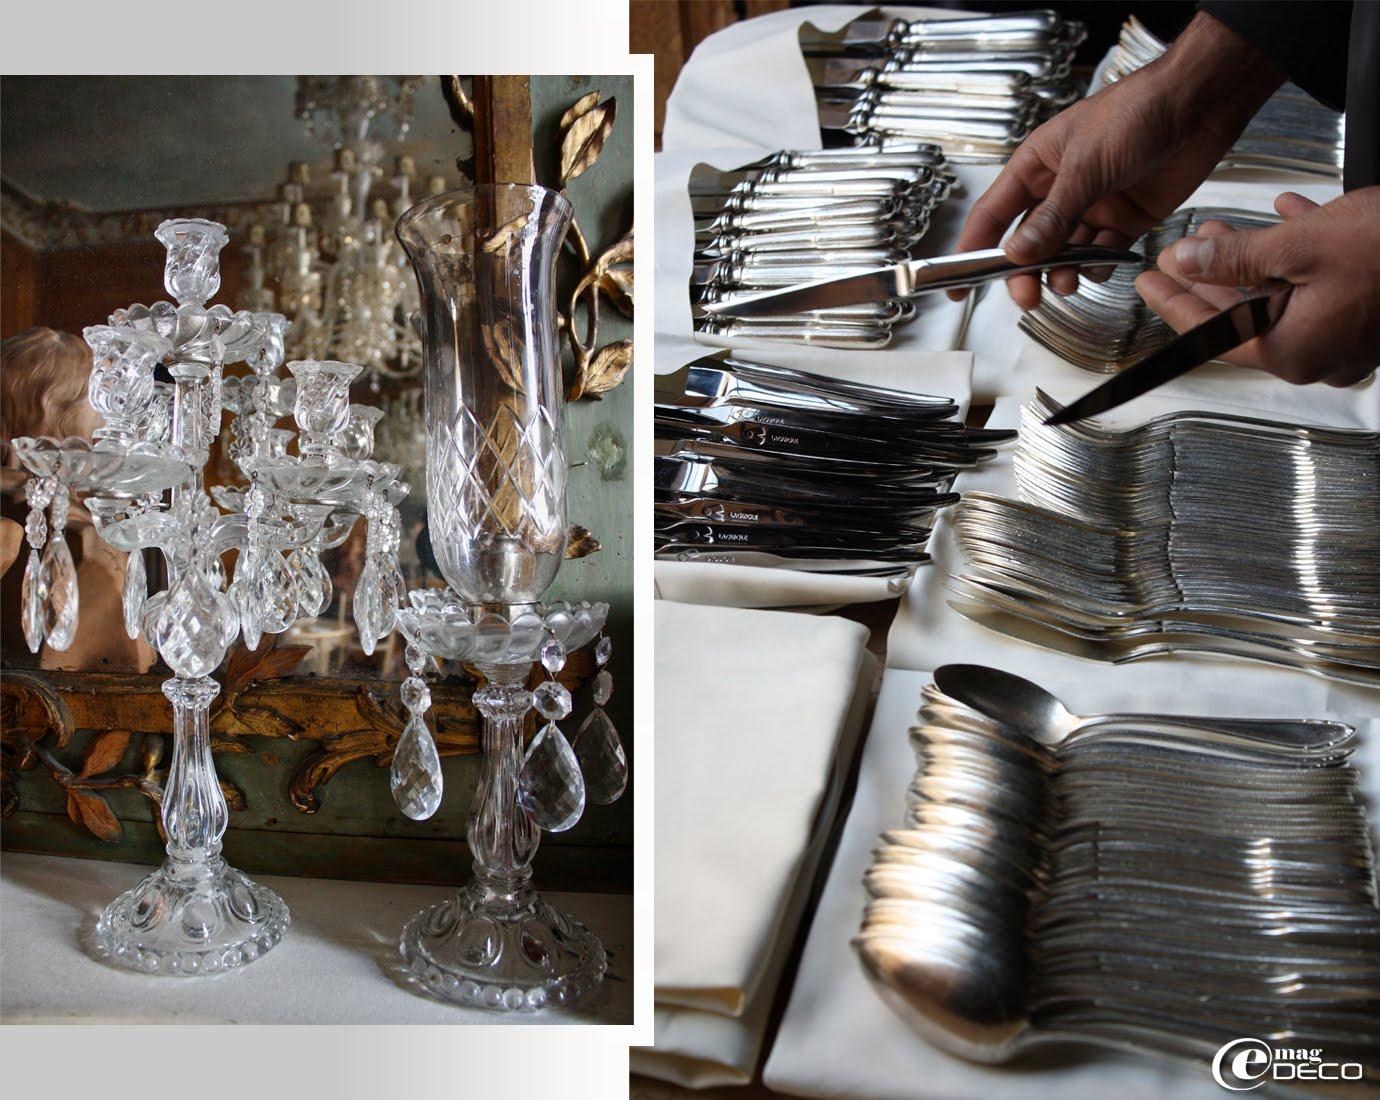 Détail de chandeliers en verre et couteaux Forge de Laguiole